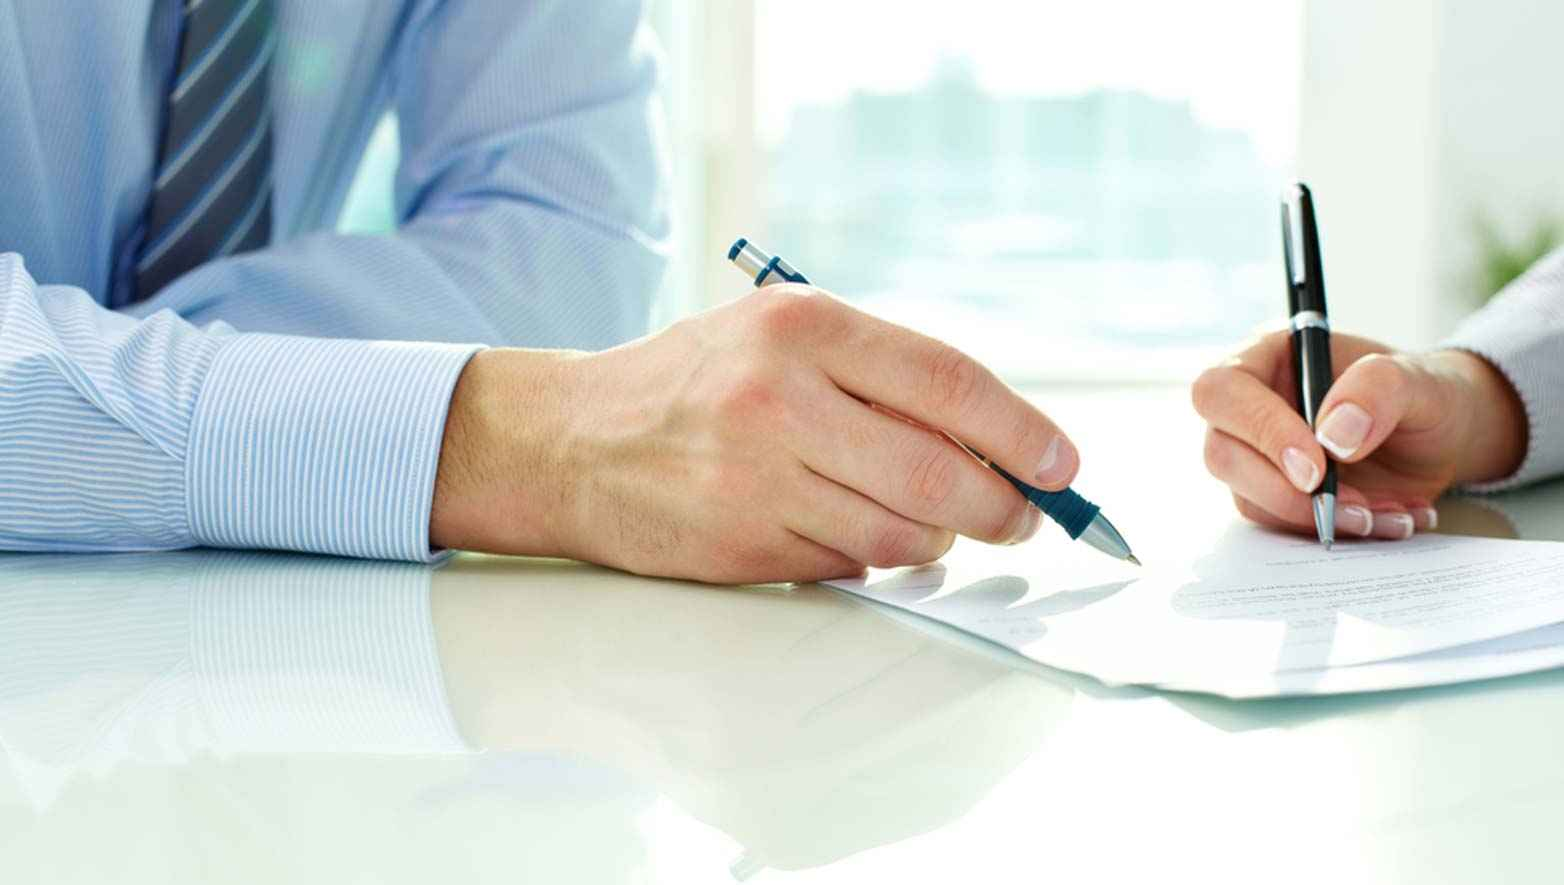 Договор перевода долга и уступка права требования между юридическими лицами